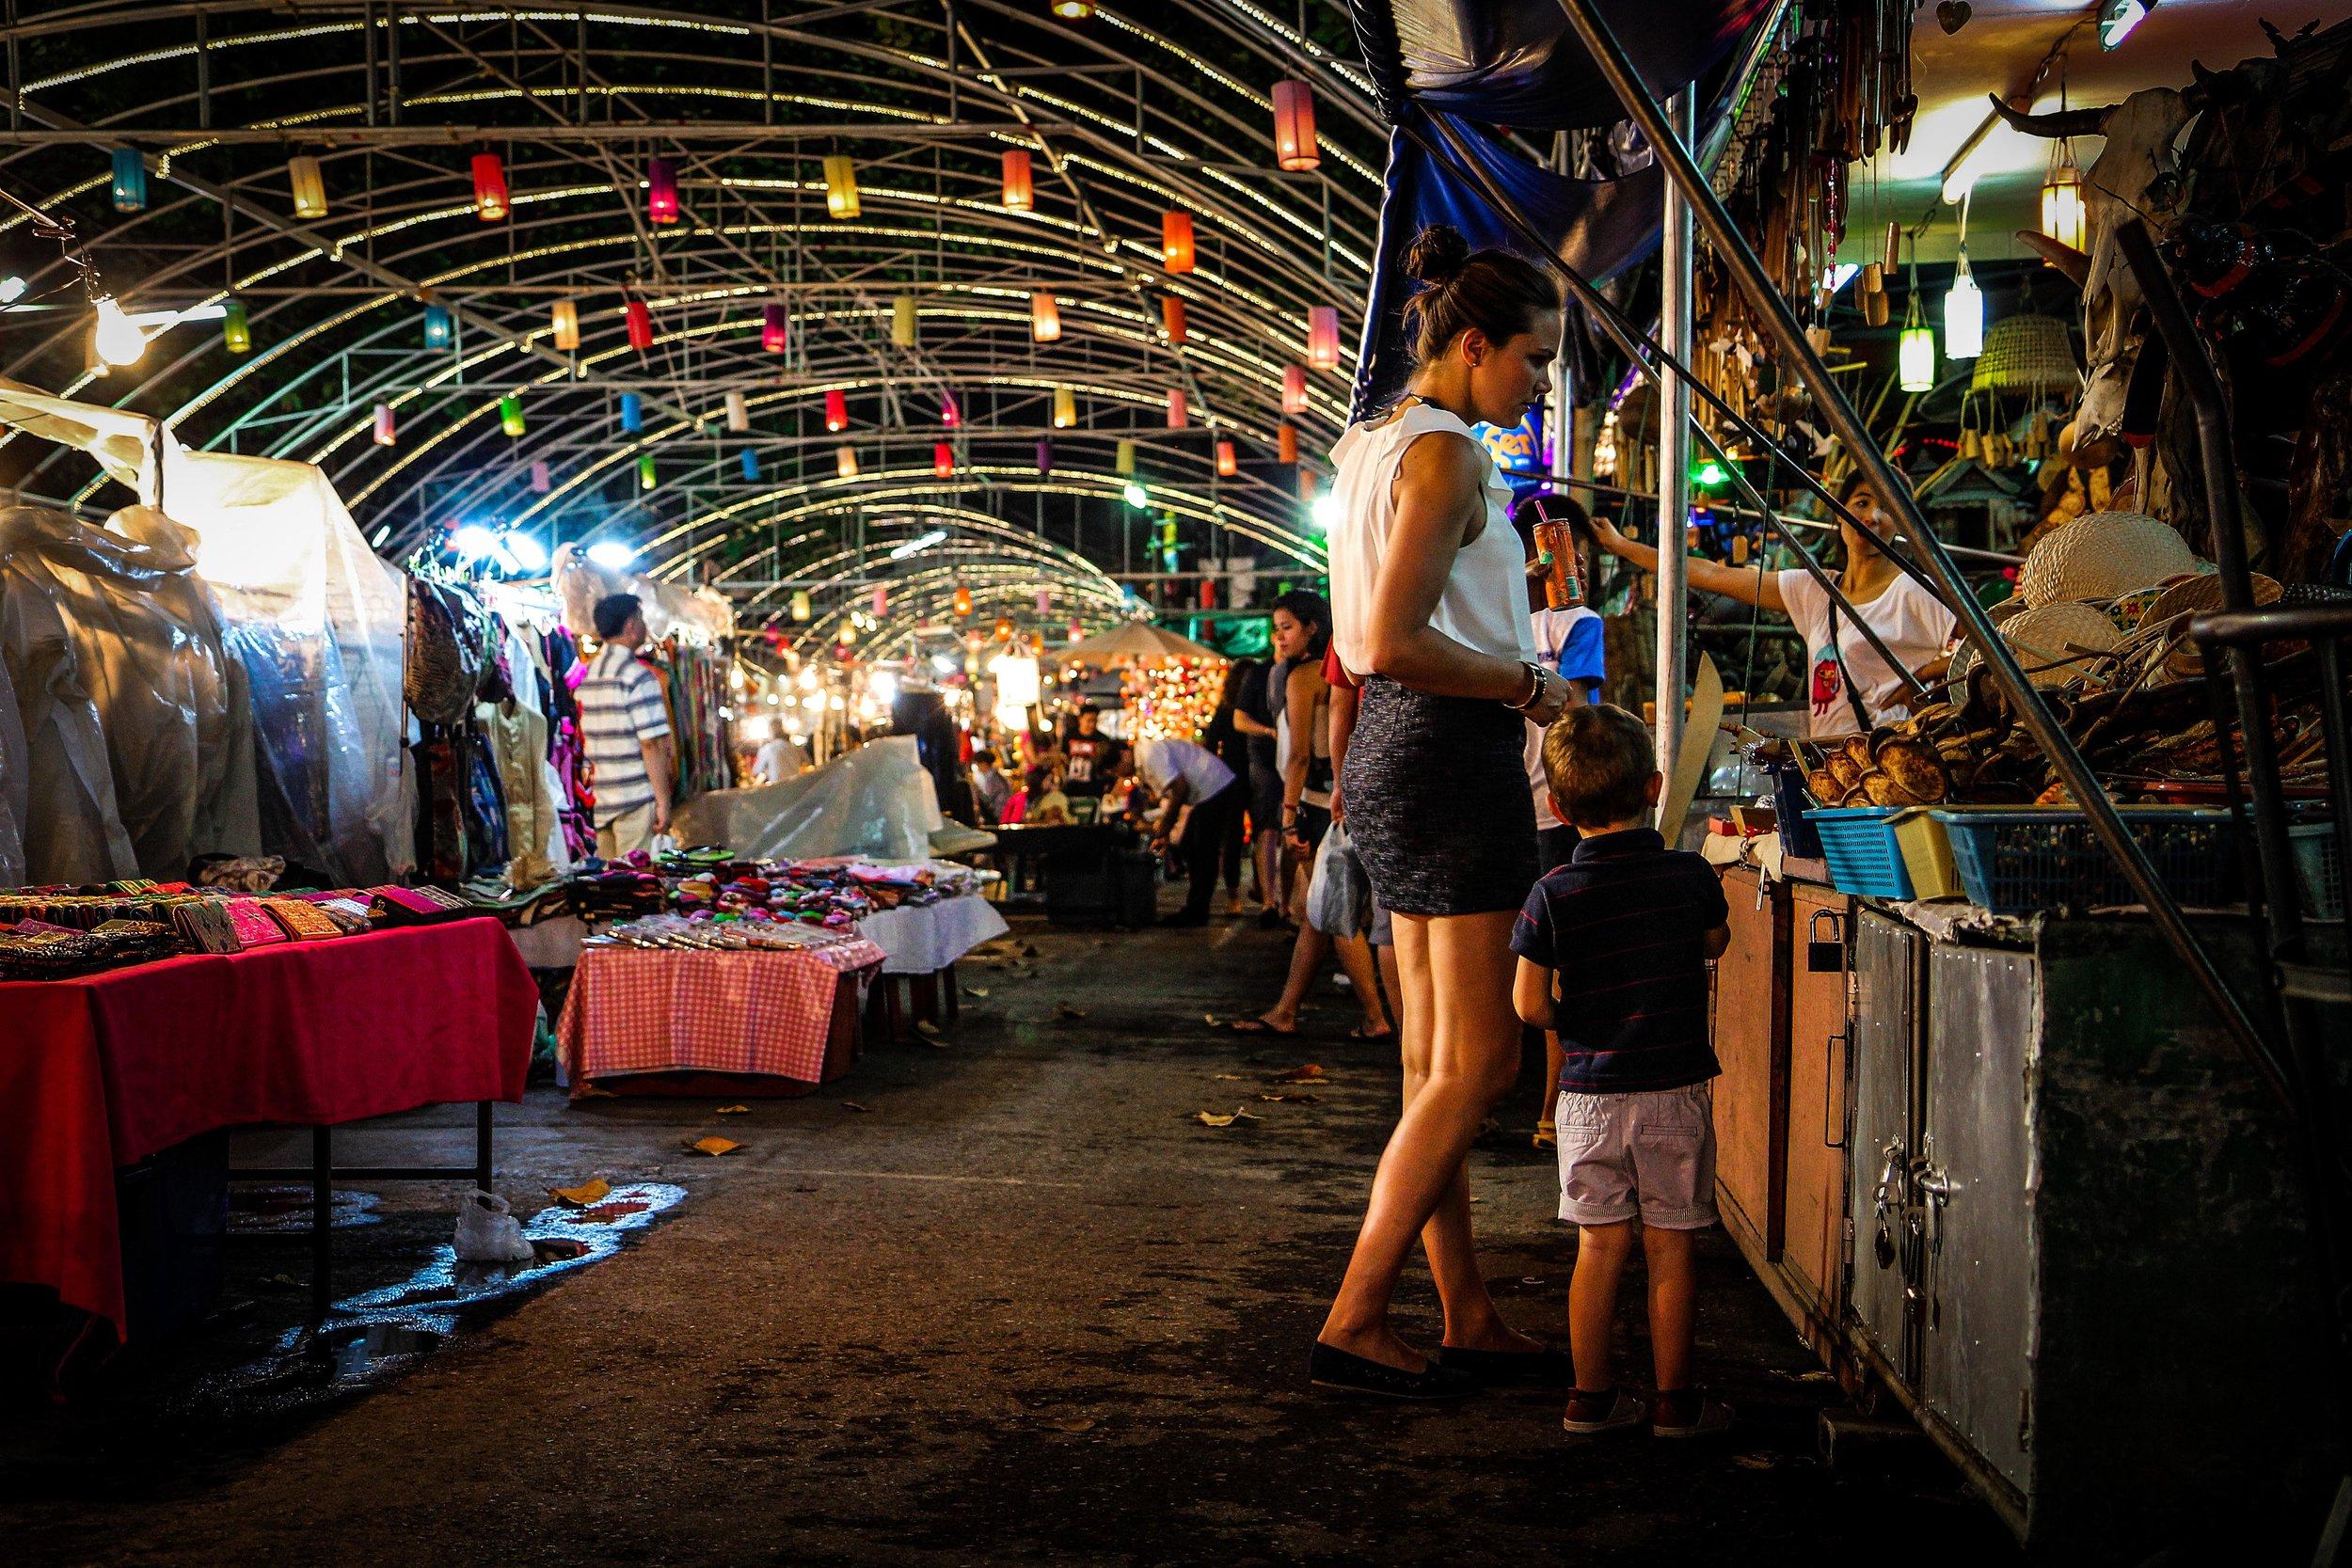 Thailand_Chiangmai_Reizen_met_kinderen_noord (46 van 97).jpg